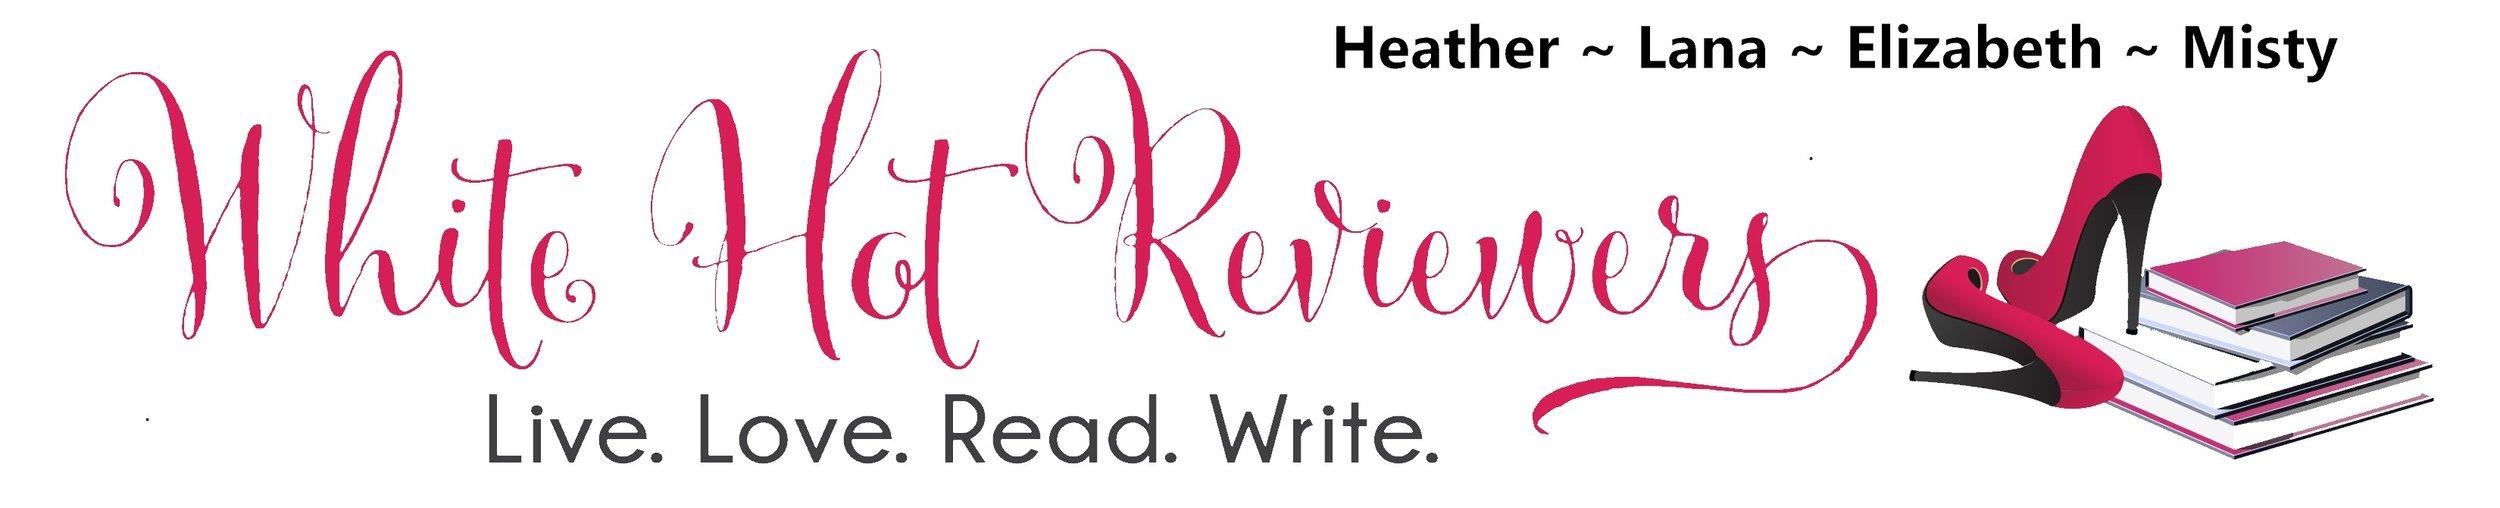 White Hot Reads logo_MAIN LOGO 2.png.jpg